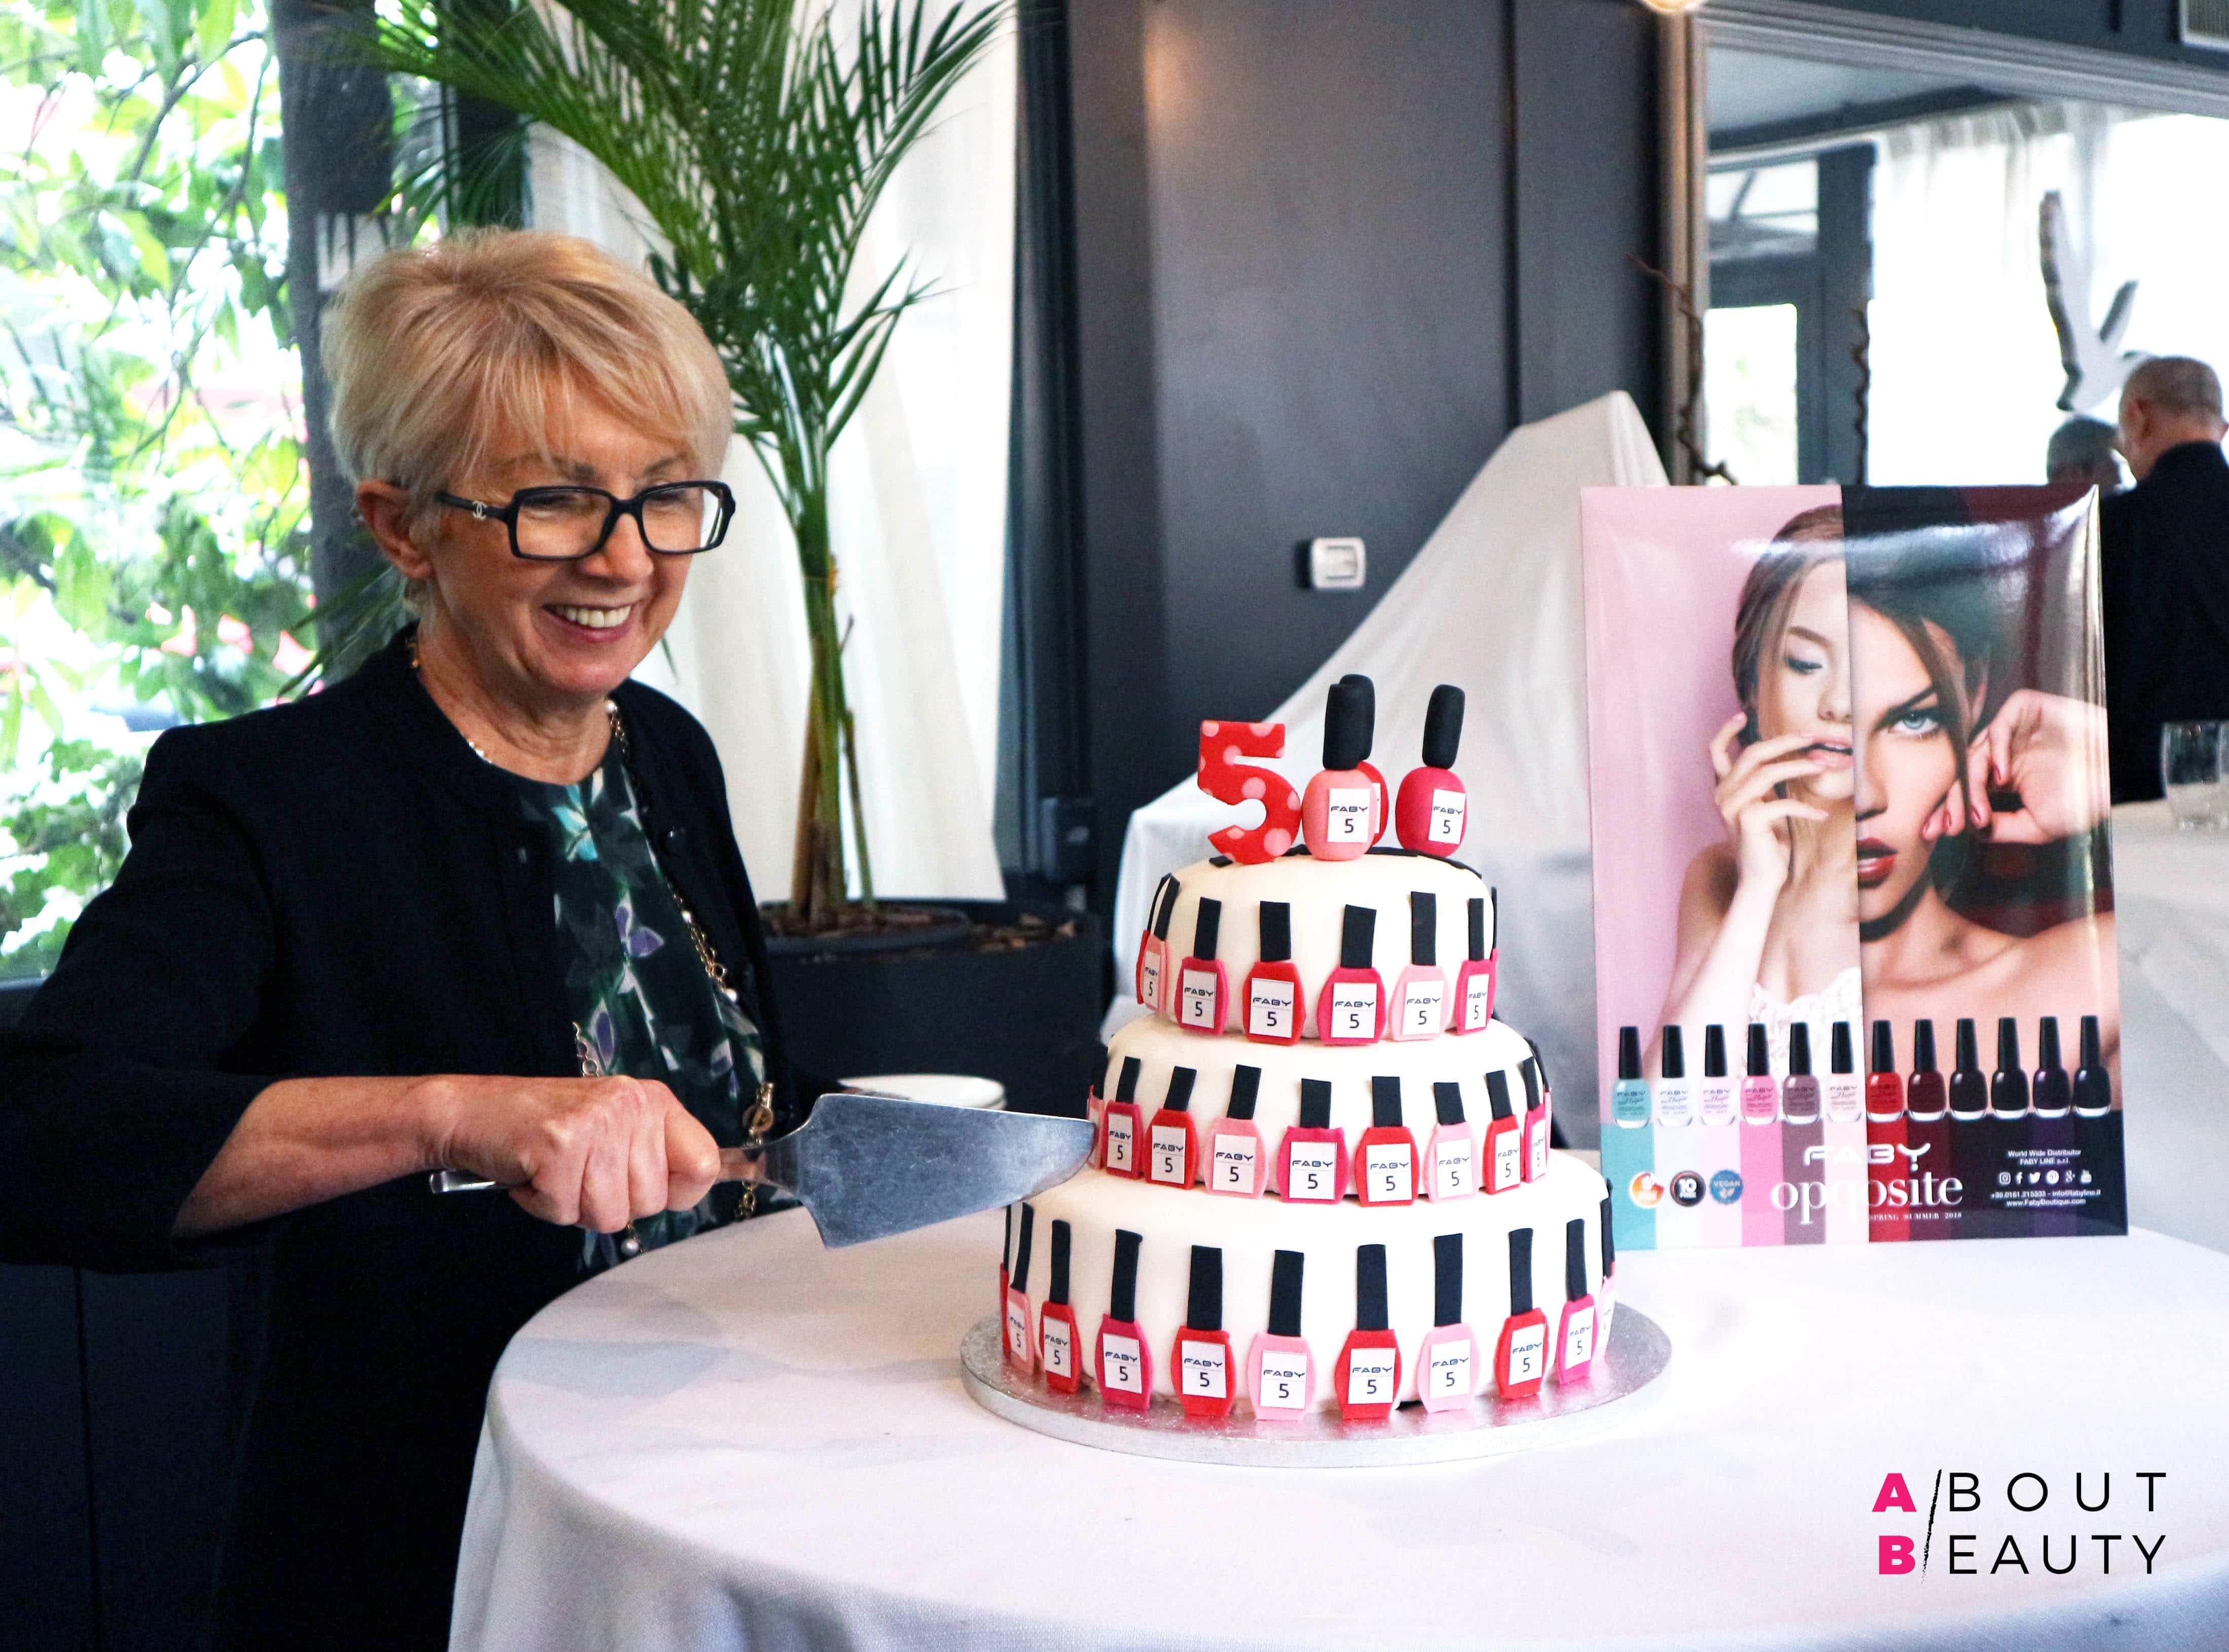 Faby Opposite, la nuova collezione di smalti primavera-estate 2018 ispirata ai contrasti dell'animo femminile - Info, foto, prezzo, dove acquistare, swatch, recensione, review - Happy birthday Faby!